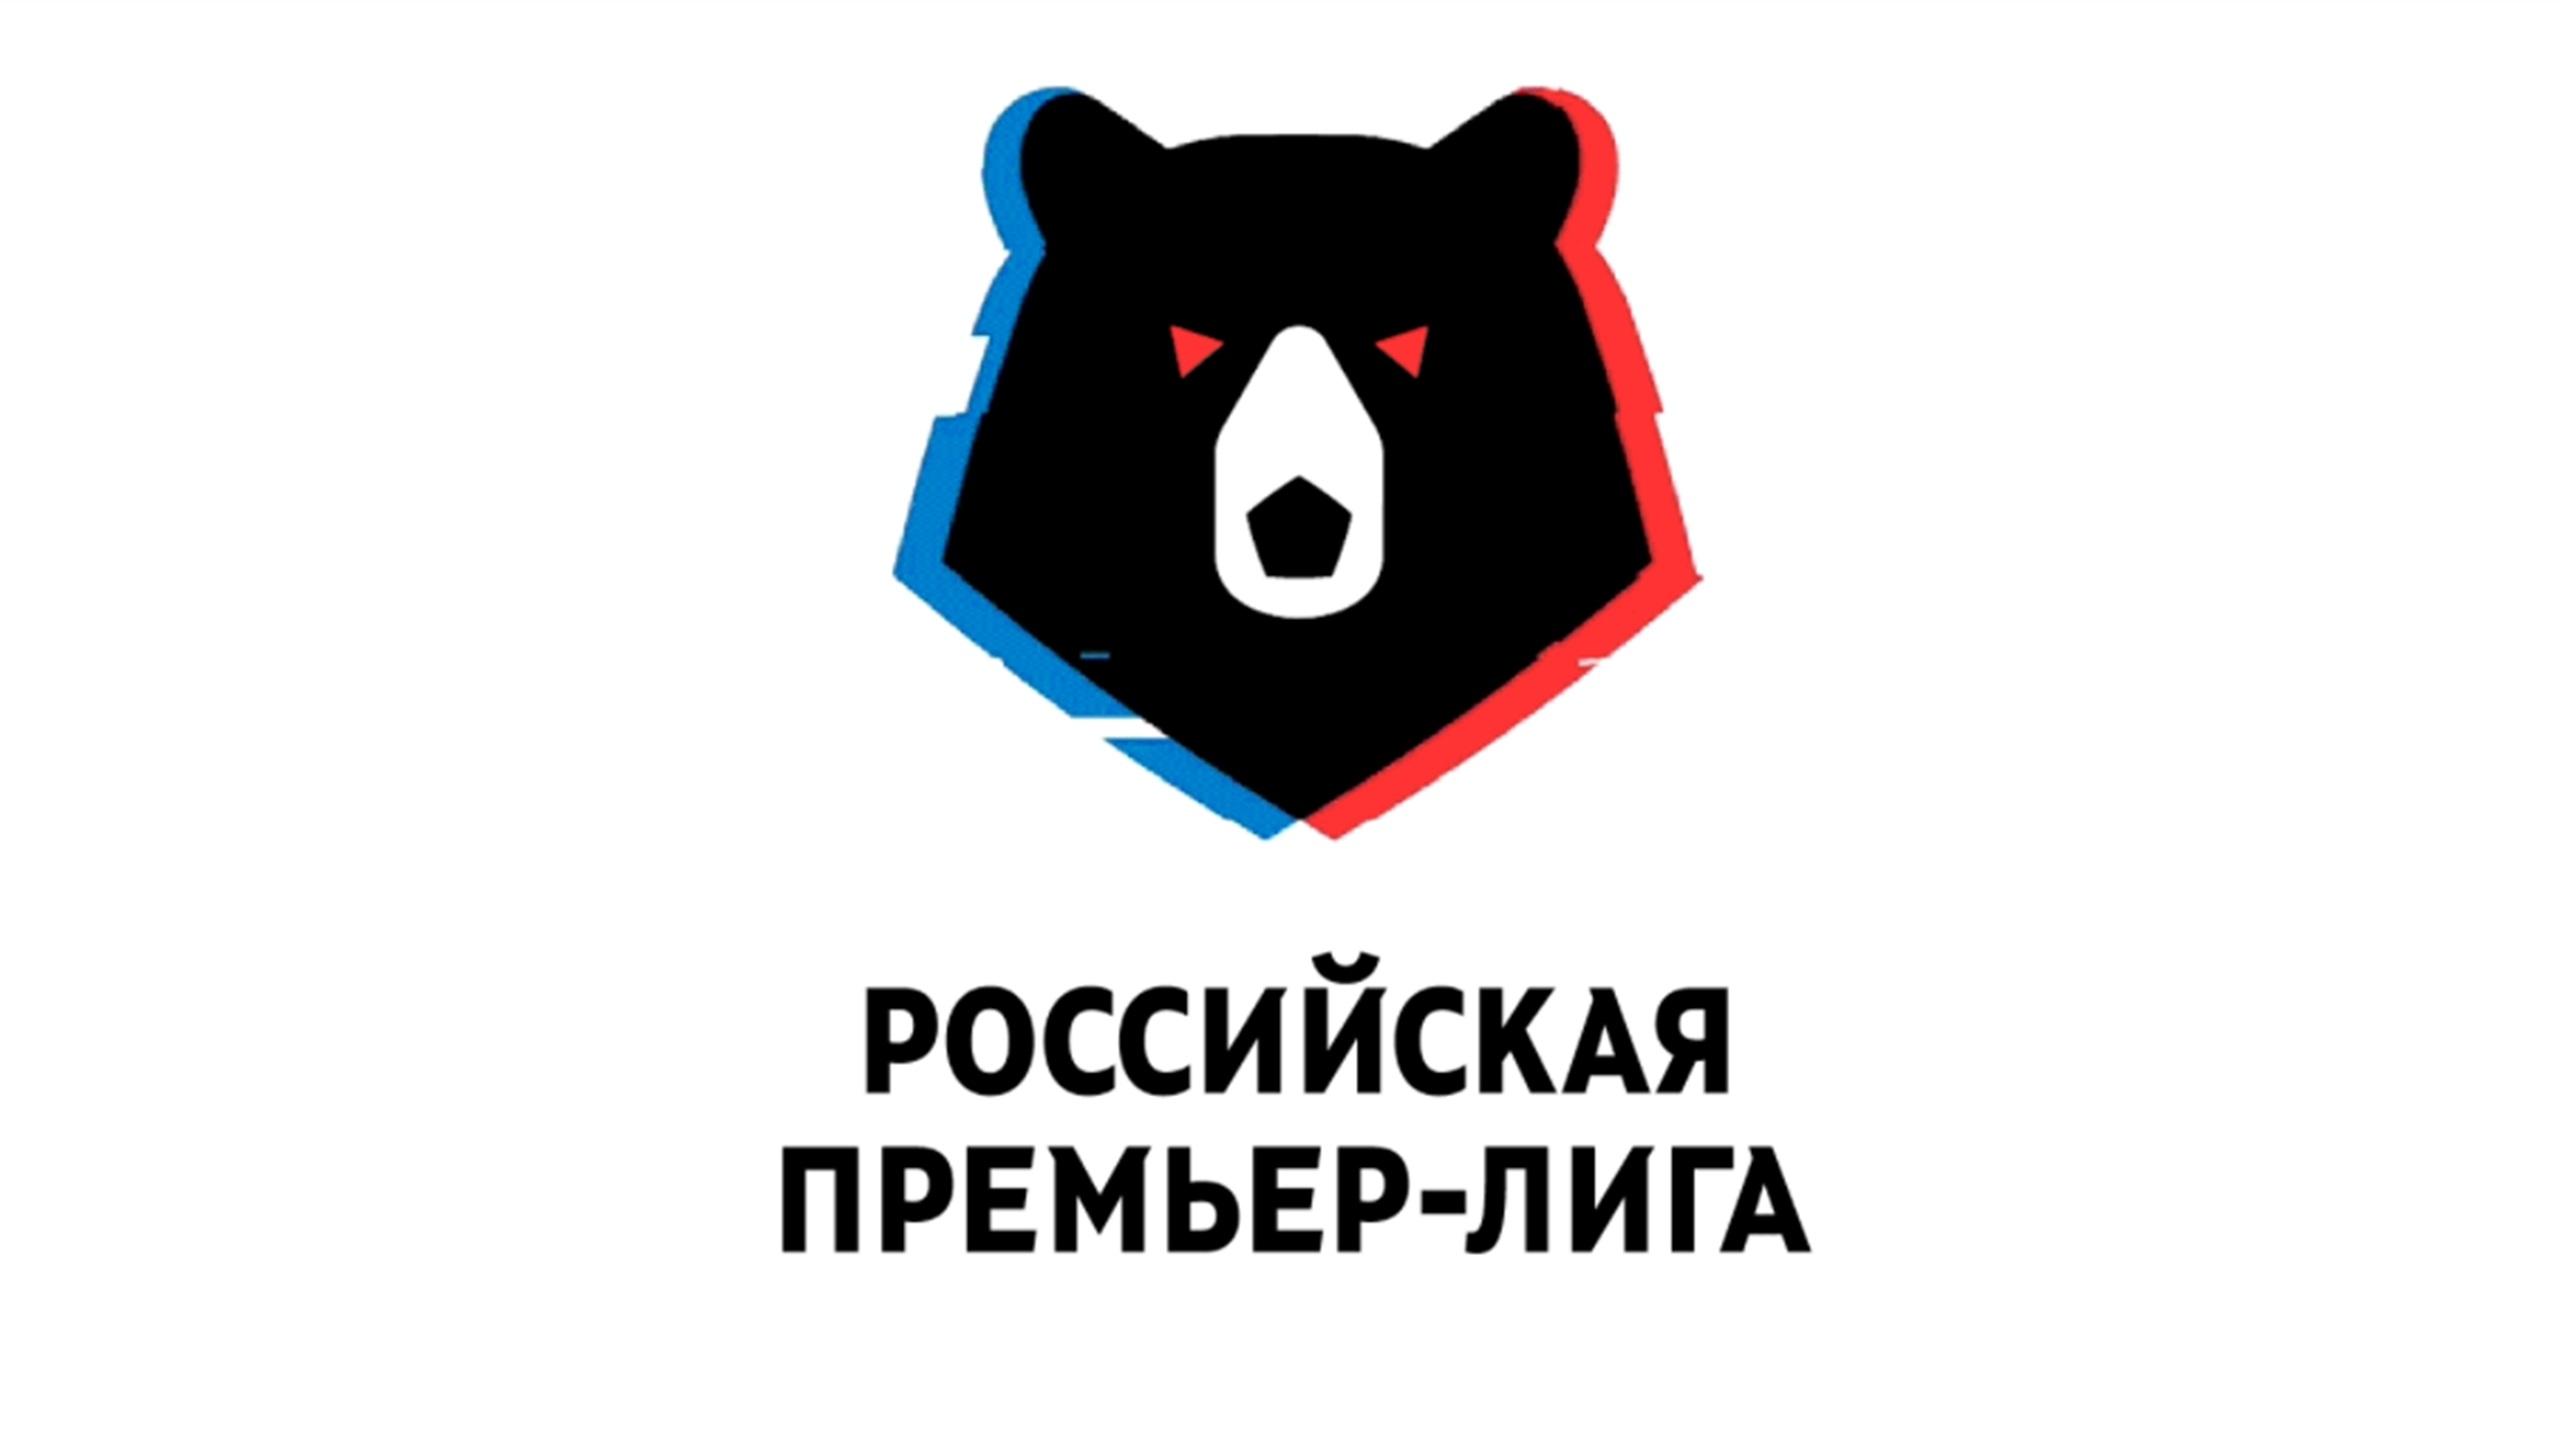 Эмблема медведь 004